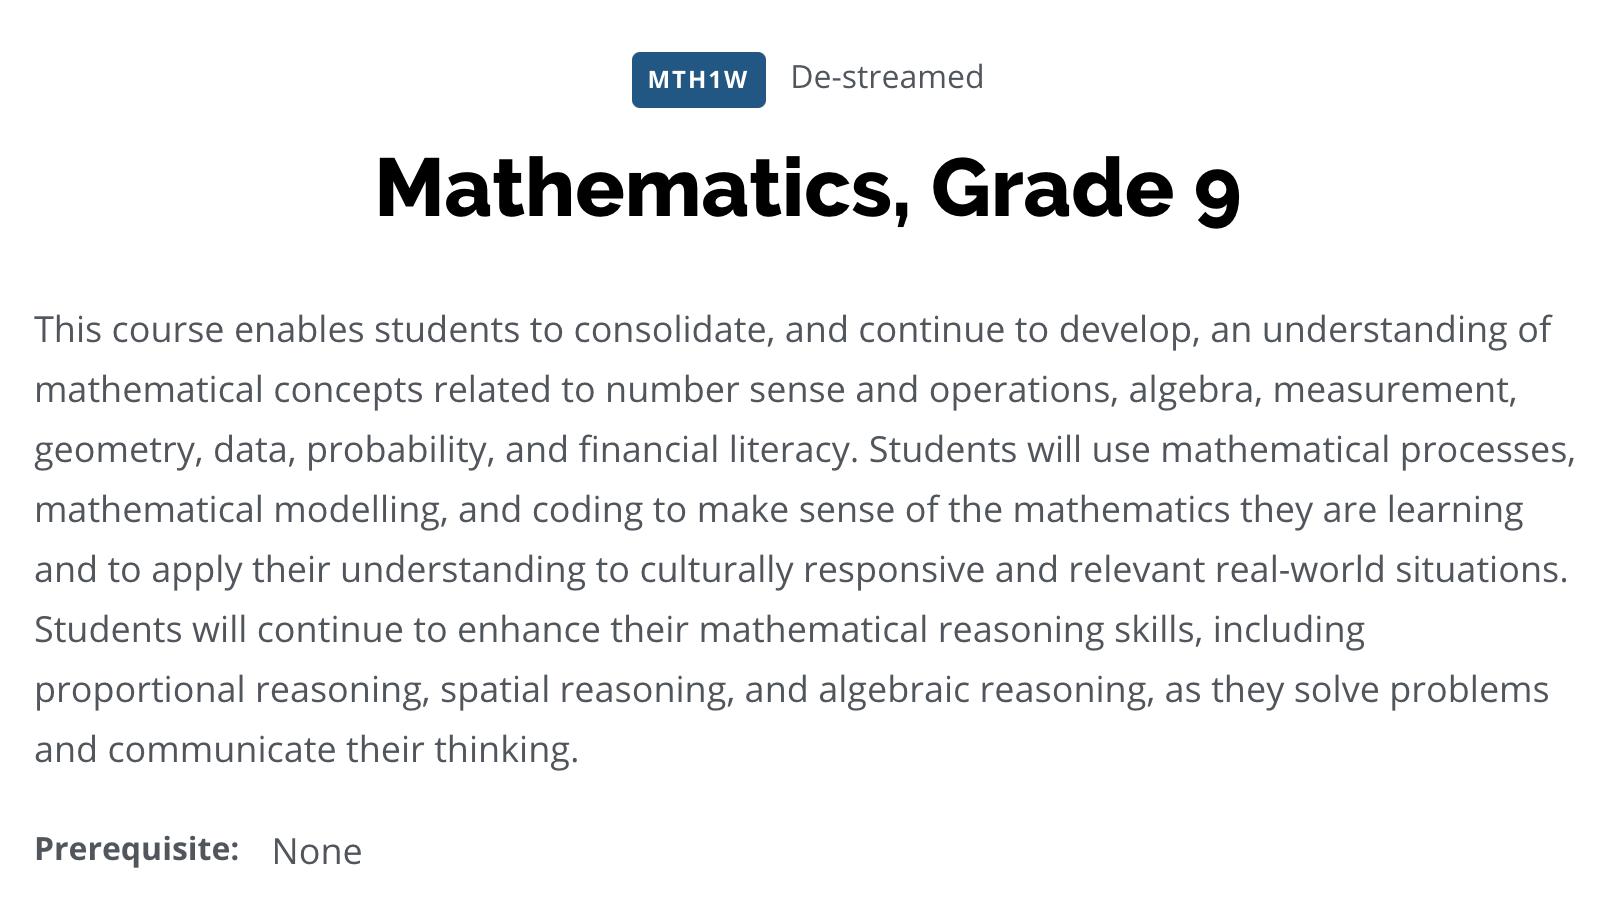 MTH1W De-streamed Mathematics, 9 Curriculum Digital Format